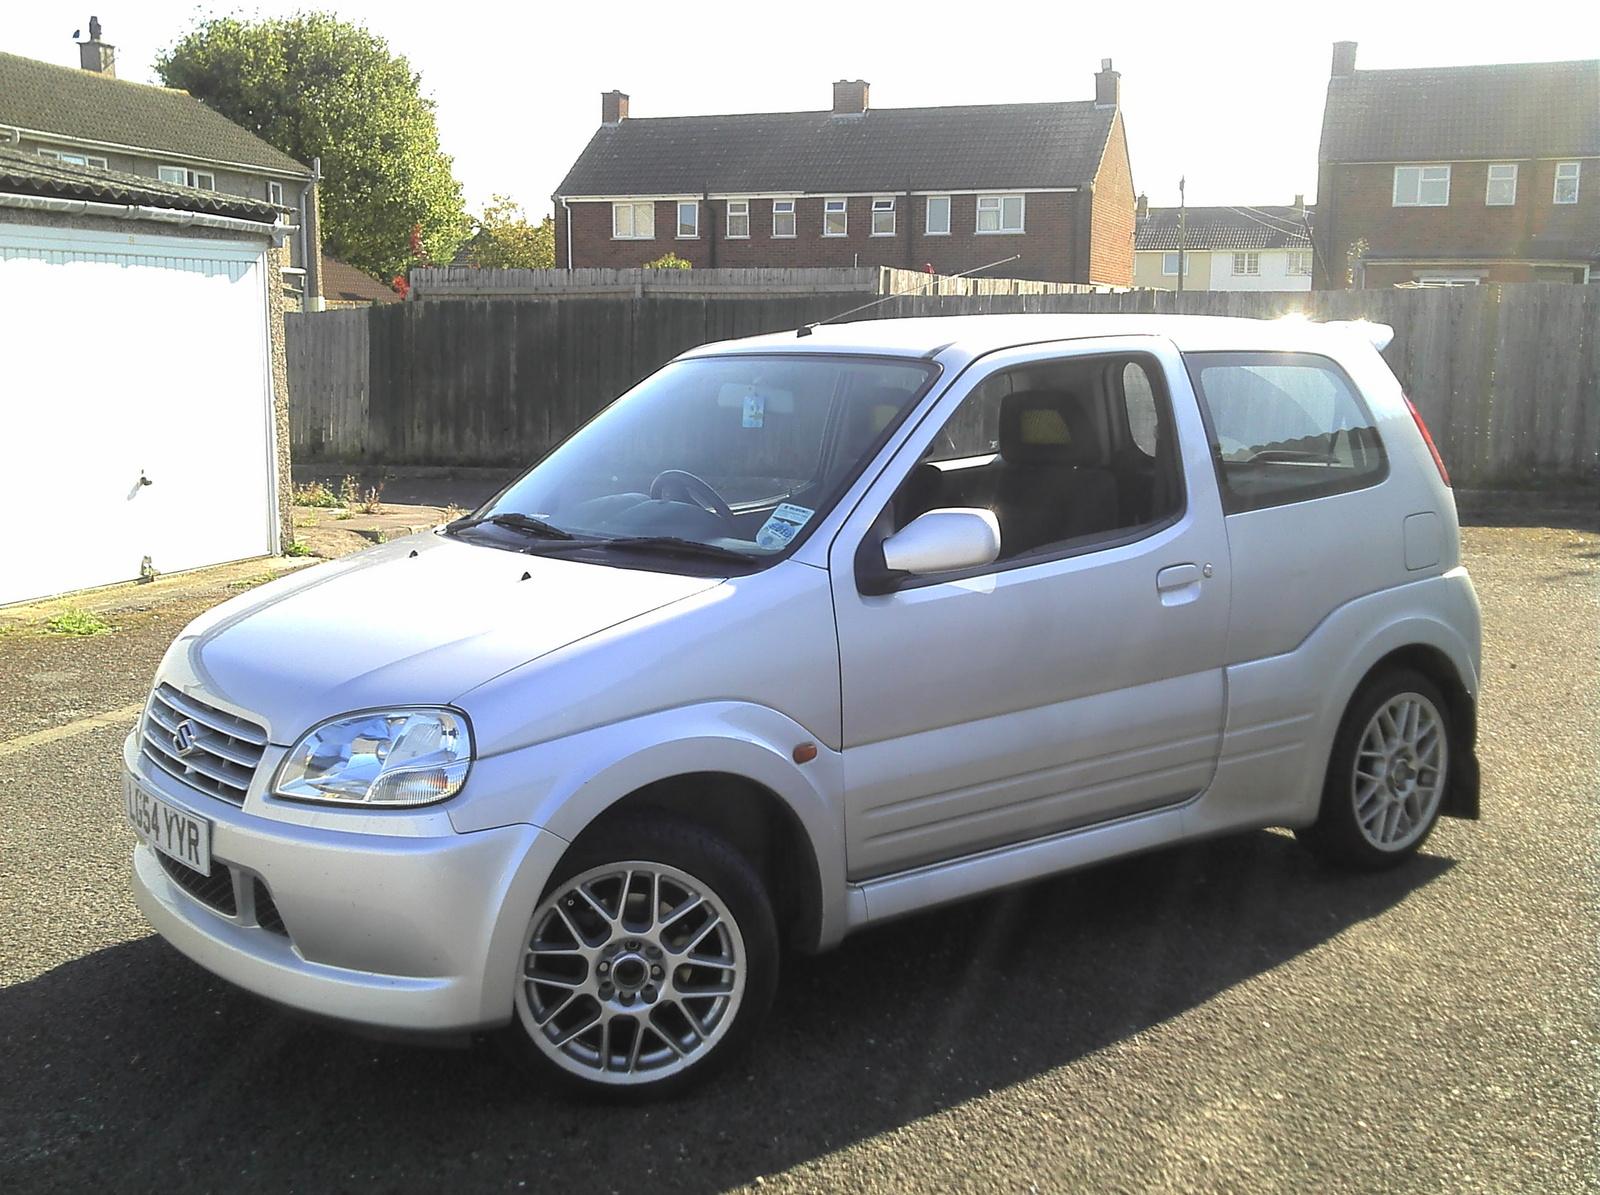 2004 Suzuki Ignis - Pictures - 2004 Suzuki Ignis Sport pictur ...